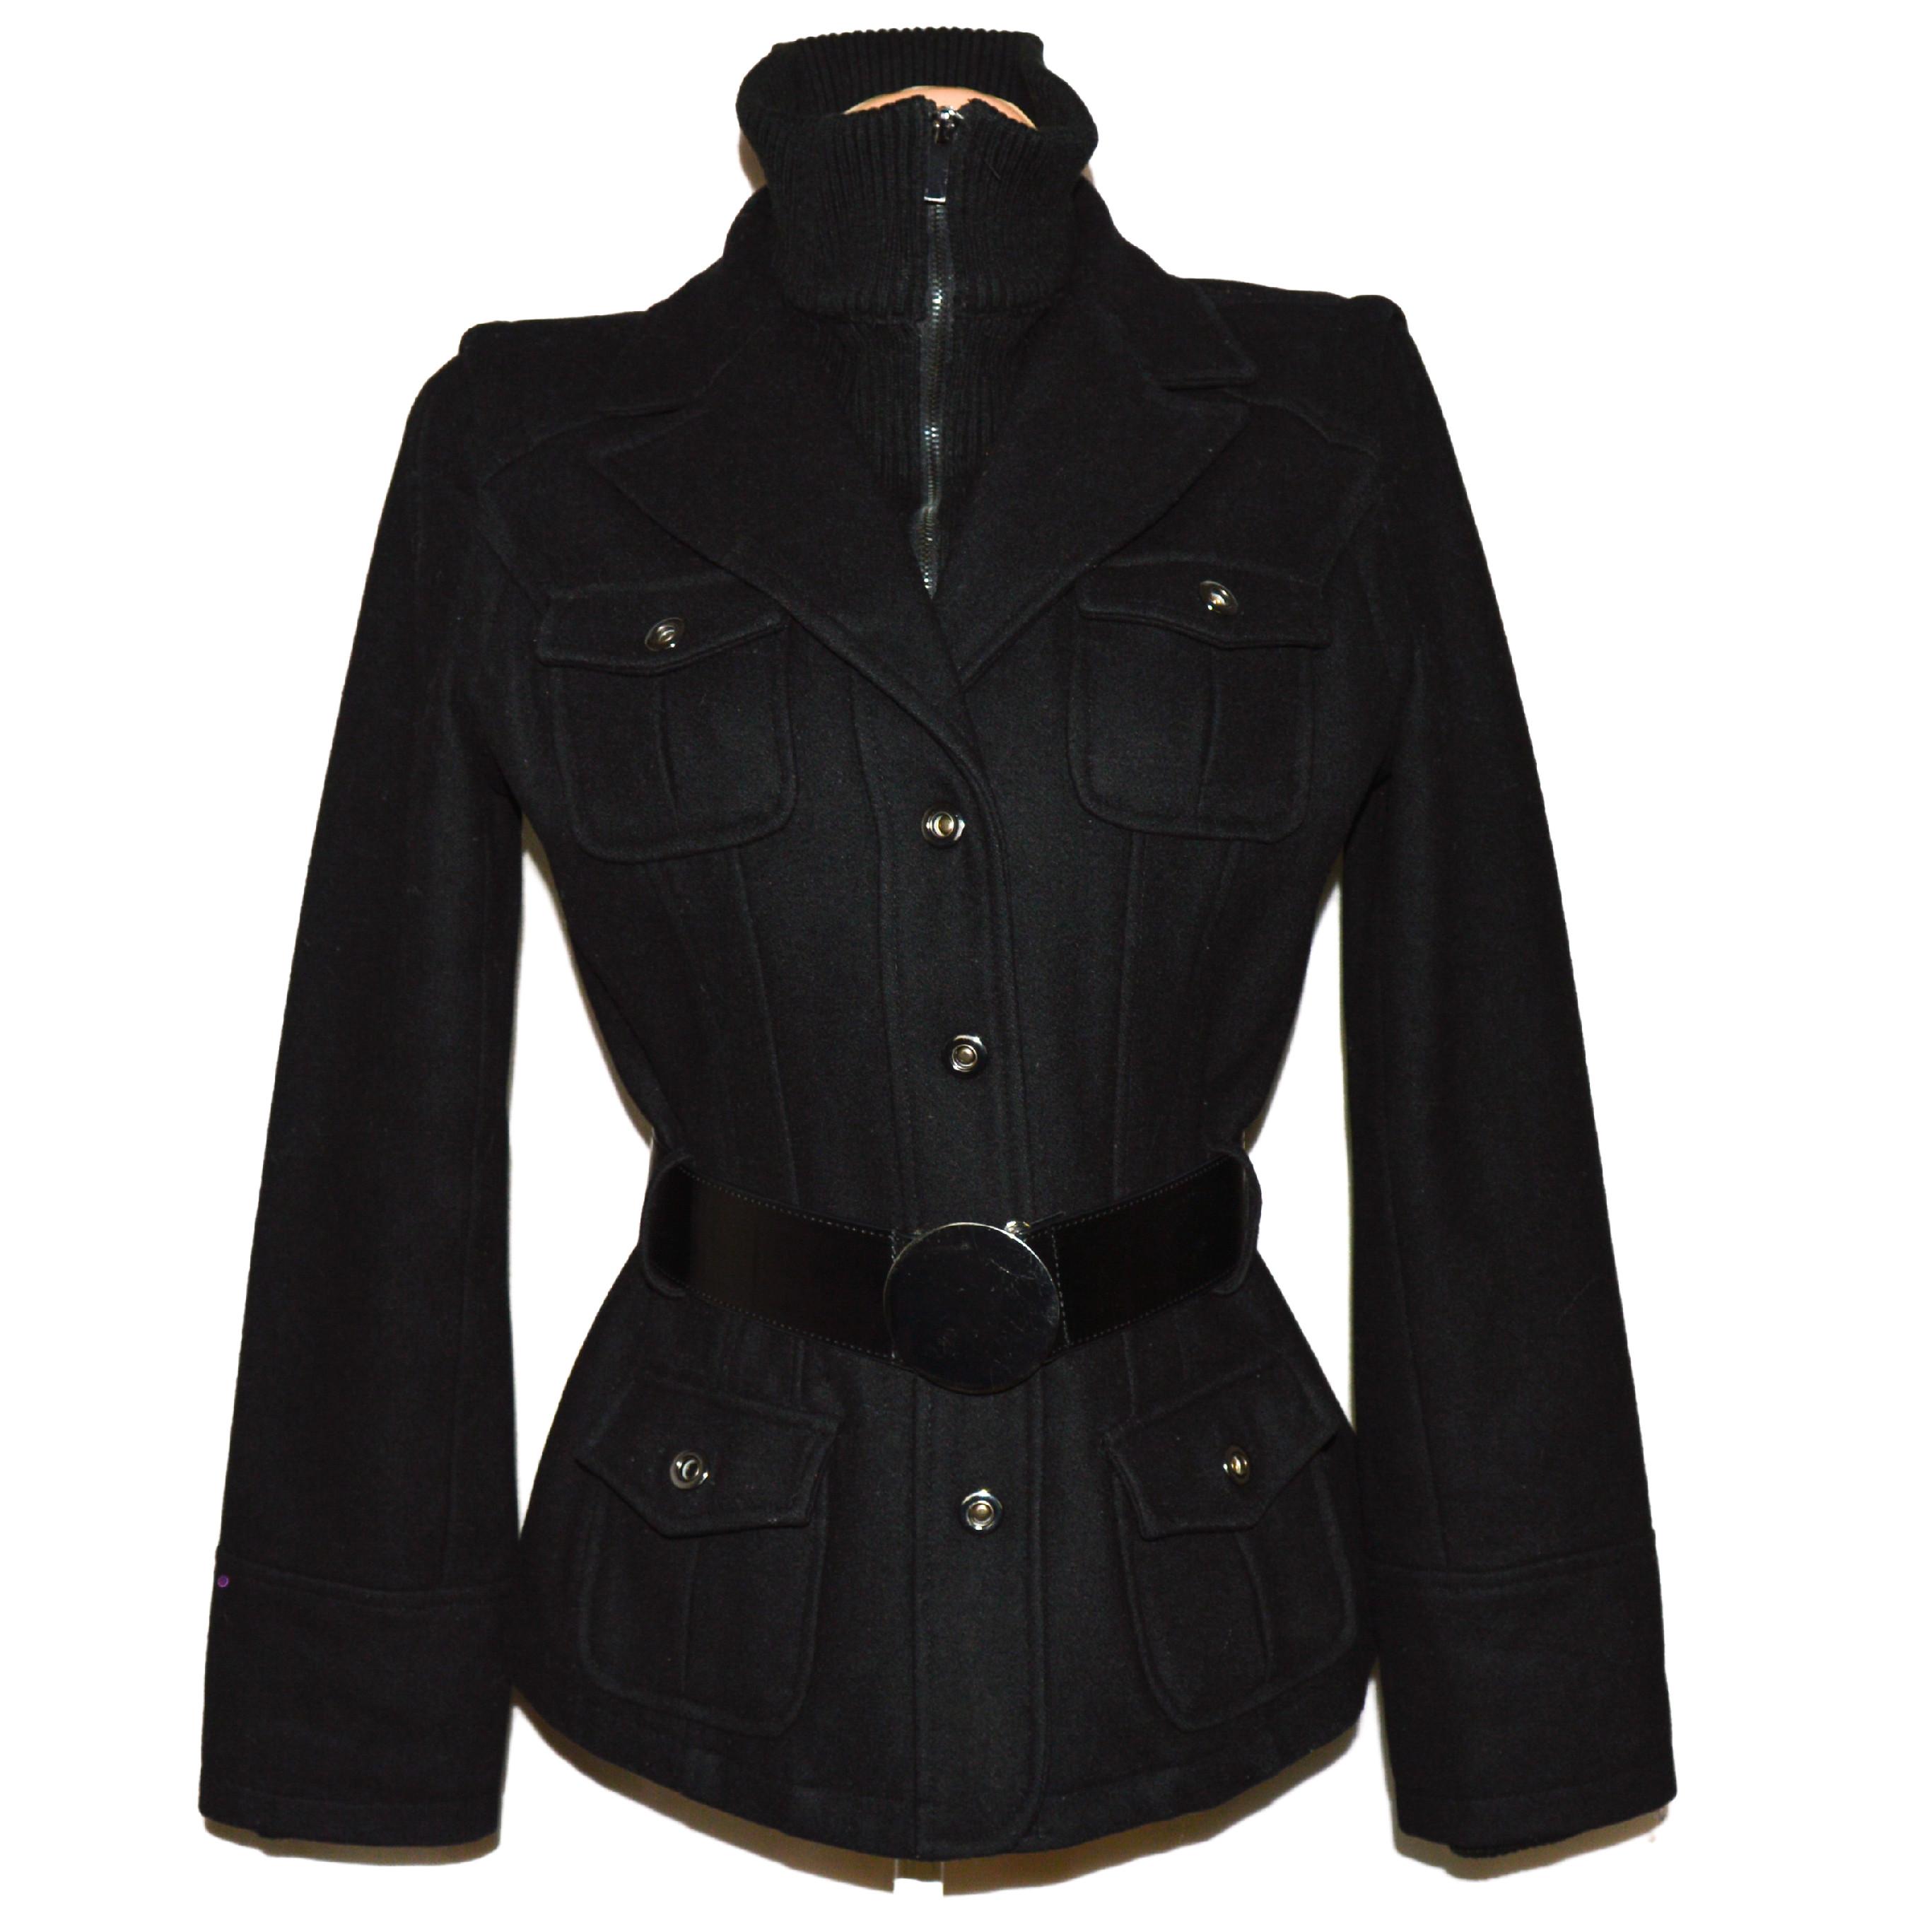 Vlněný (60%) dámský černý kabát s páskem ZARA L